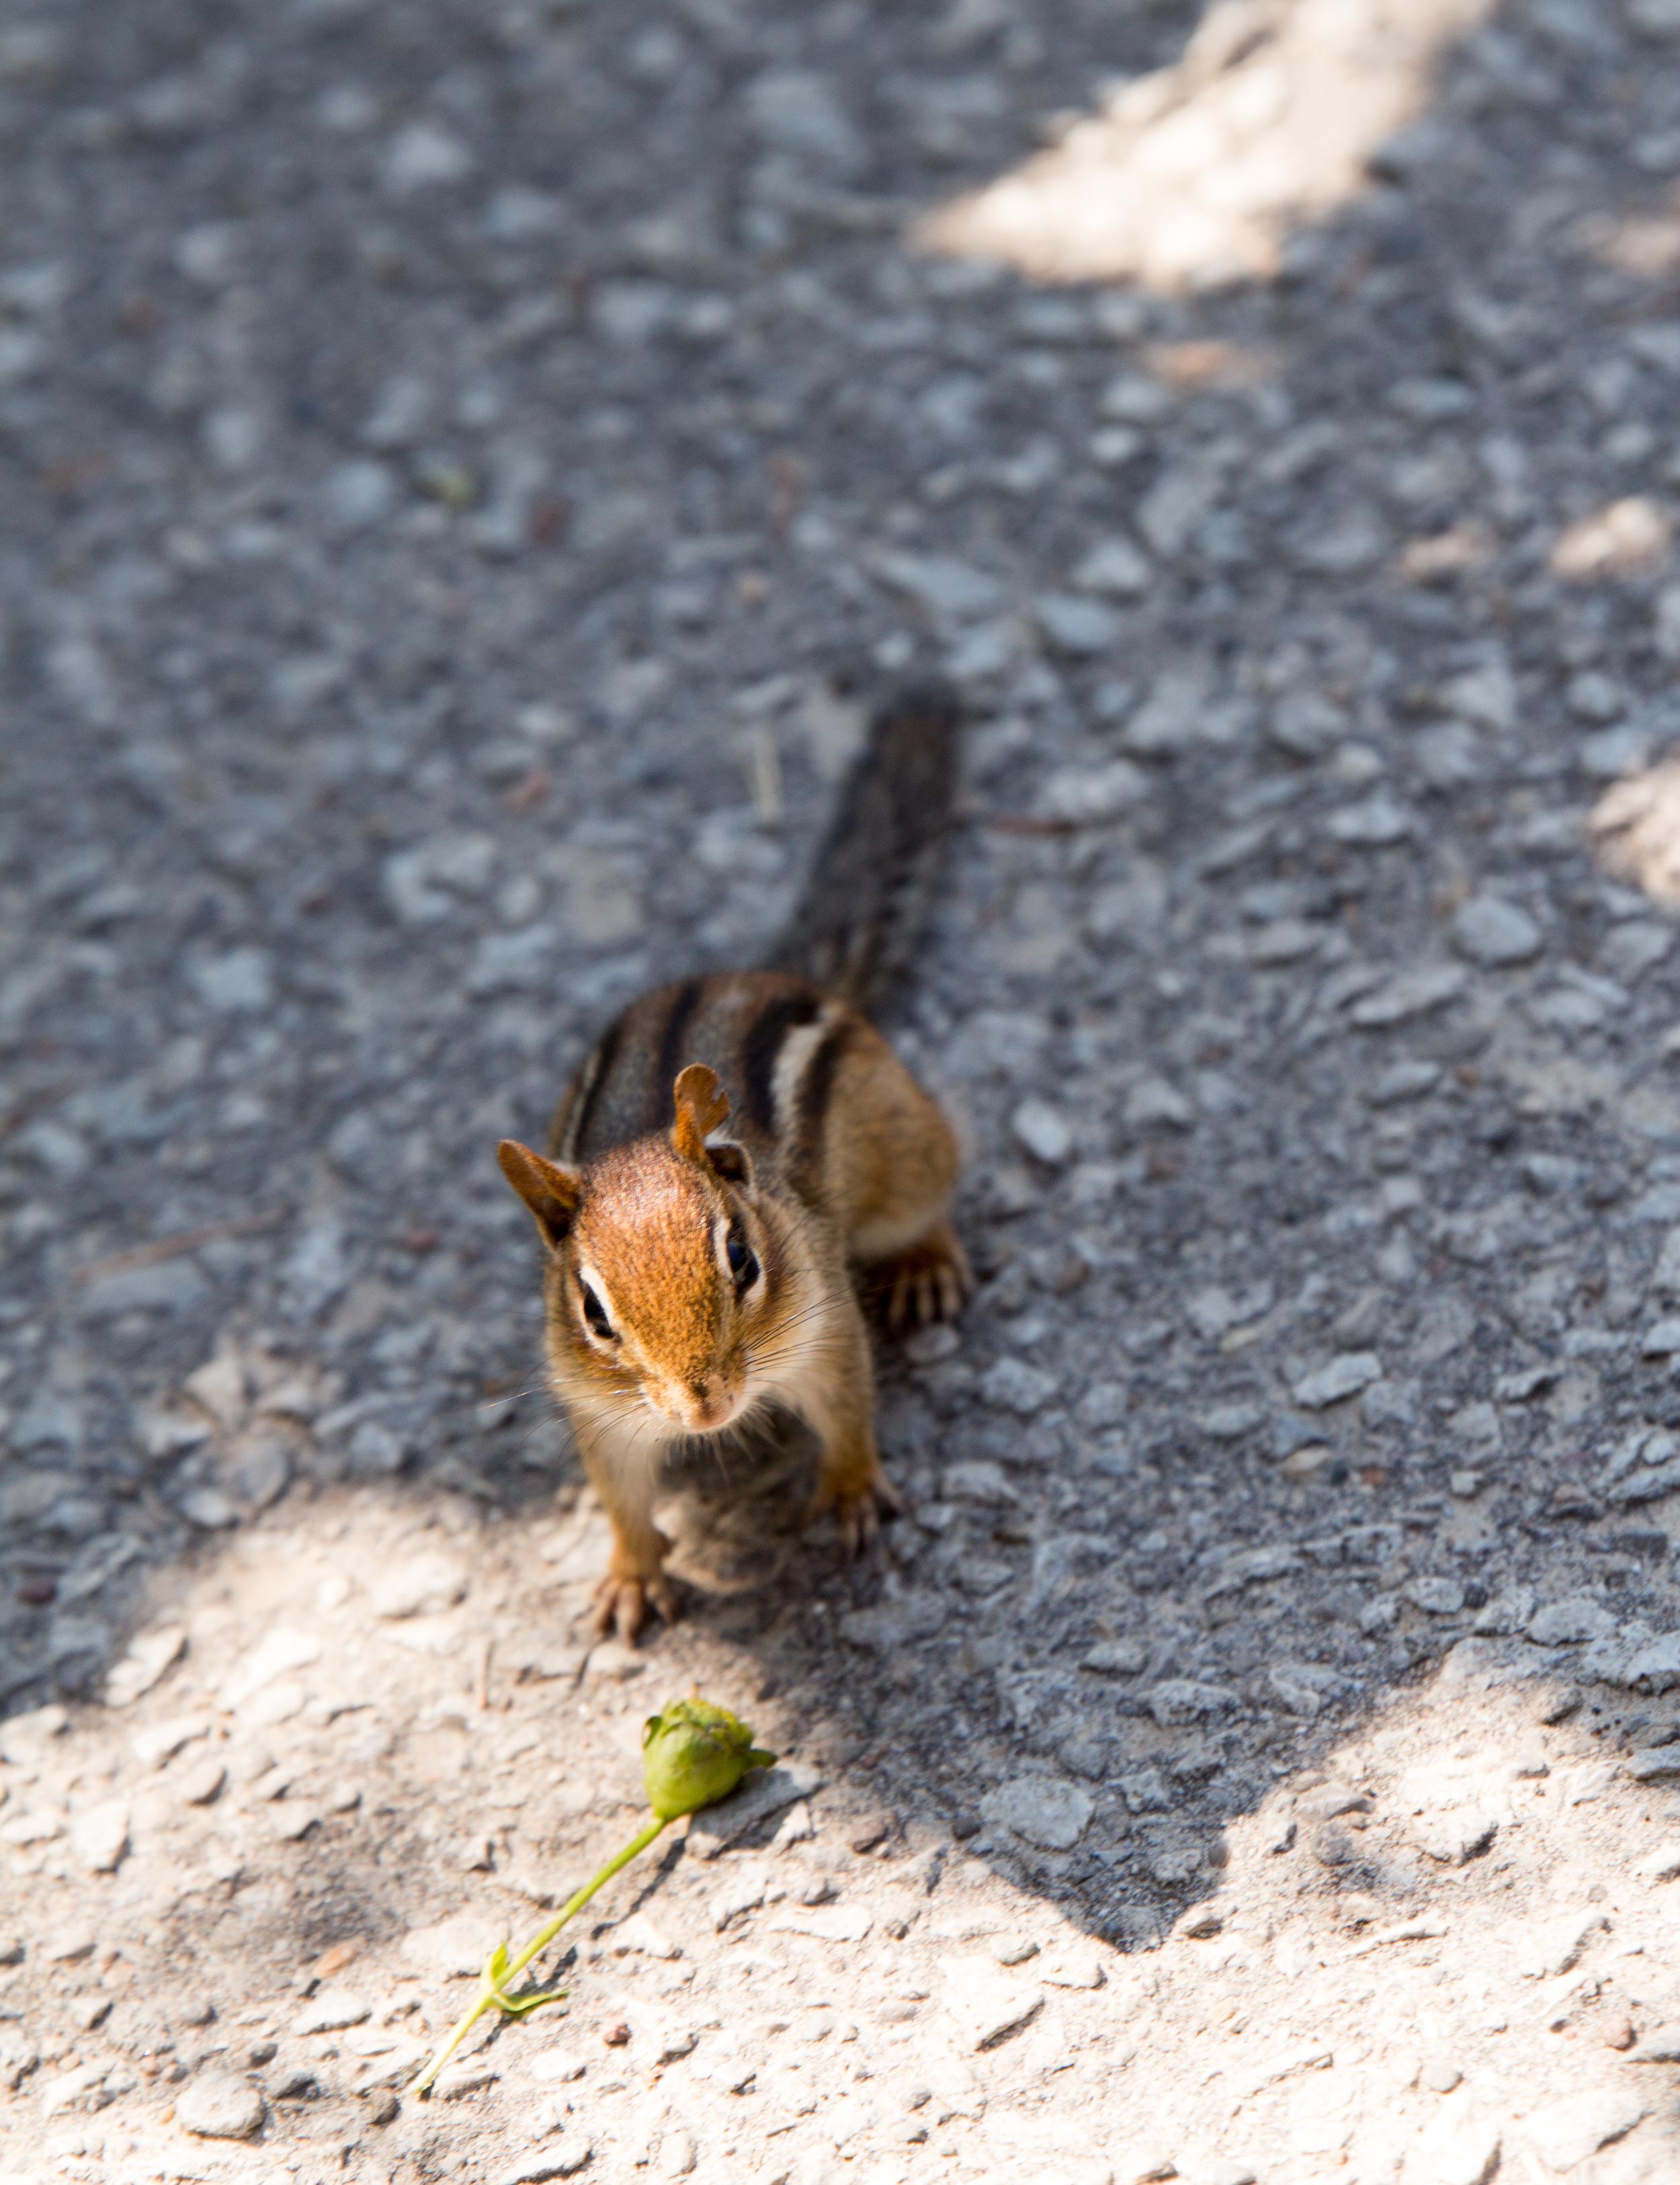 Chipmunk in High Park in Toronto.